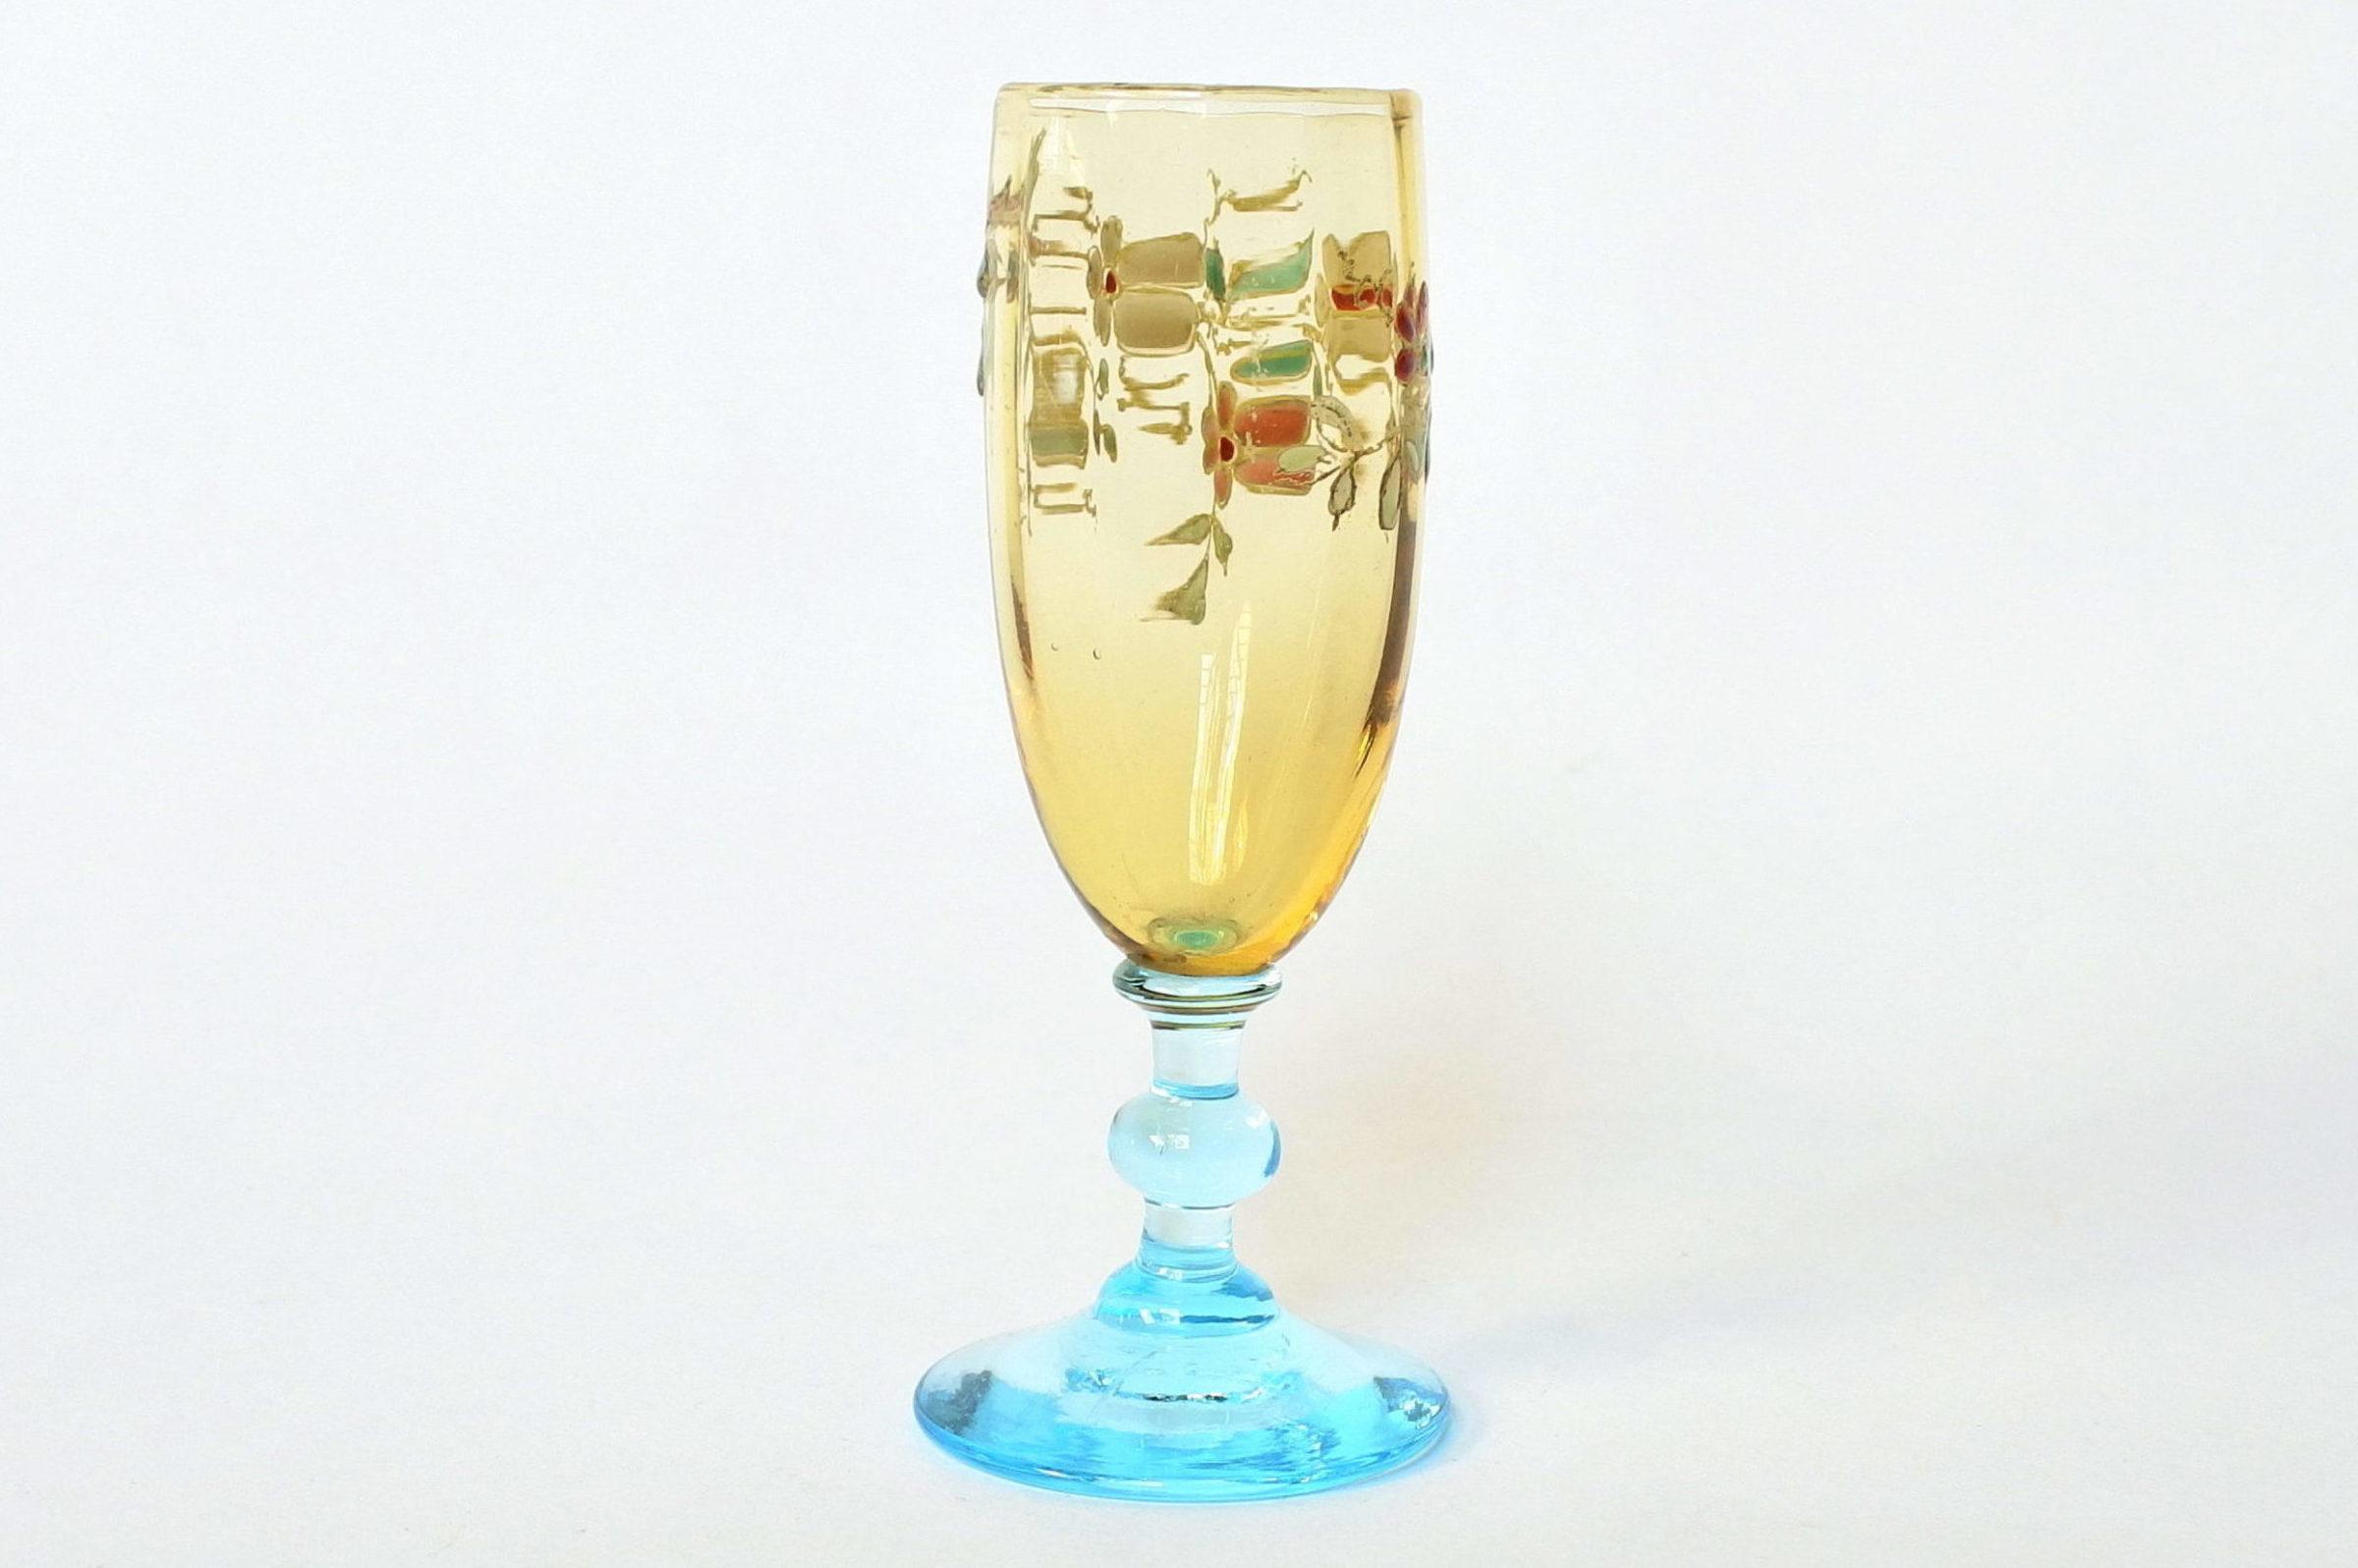 Bicchierino Legras a calice in vetro soffiato giallo con piede azzurro - 3